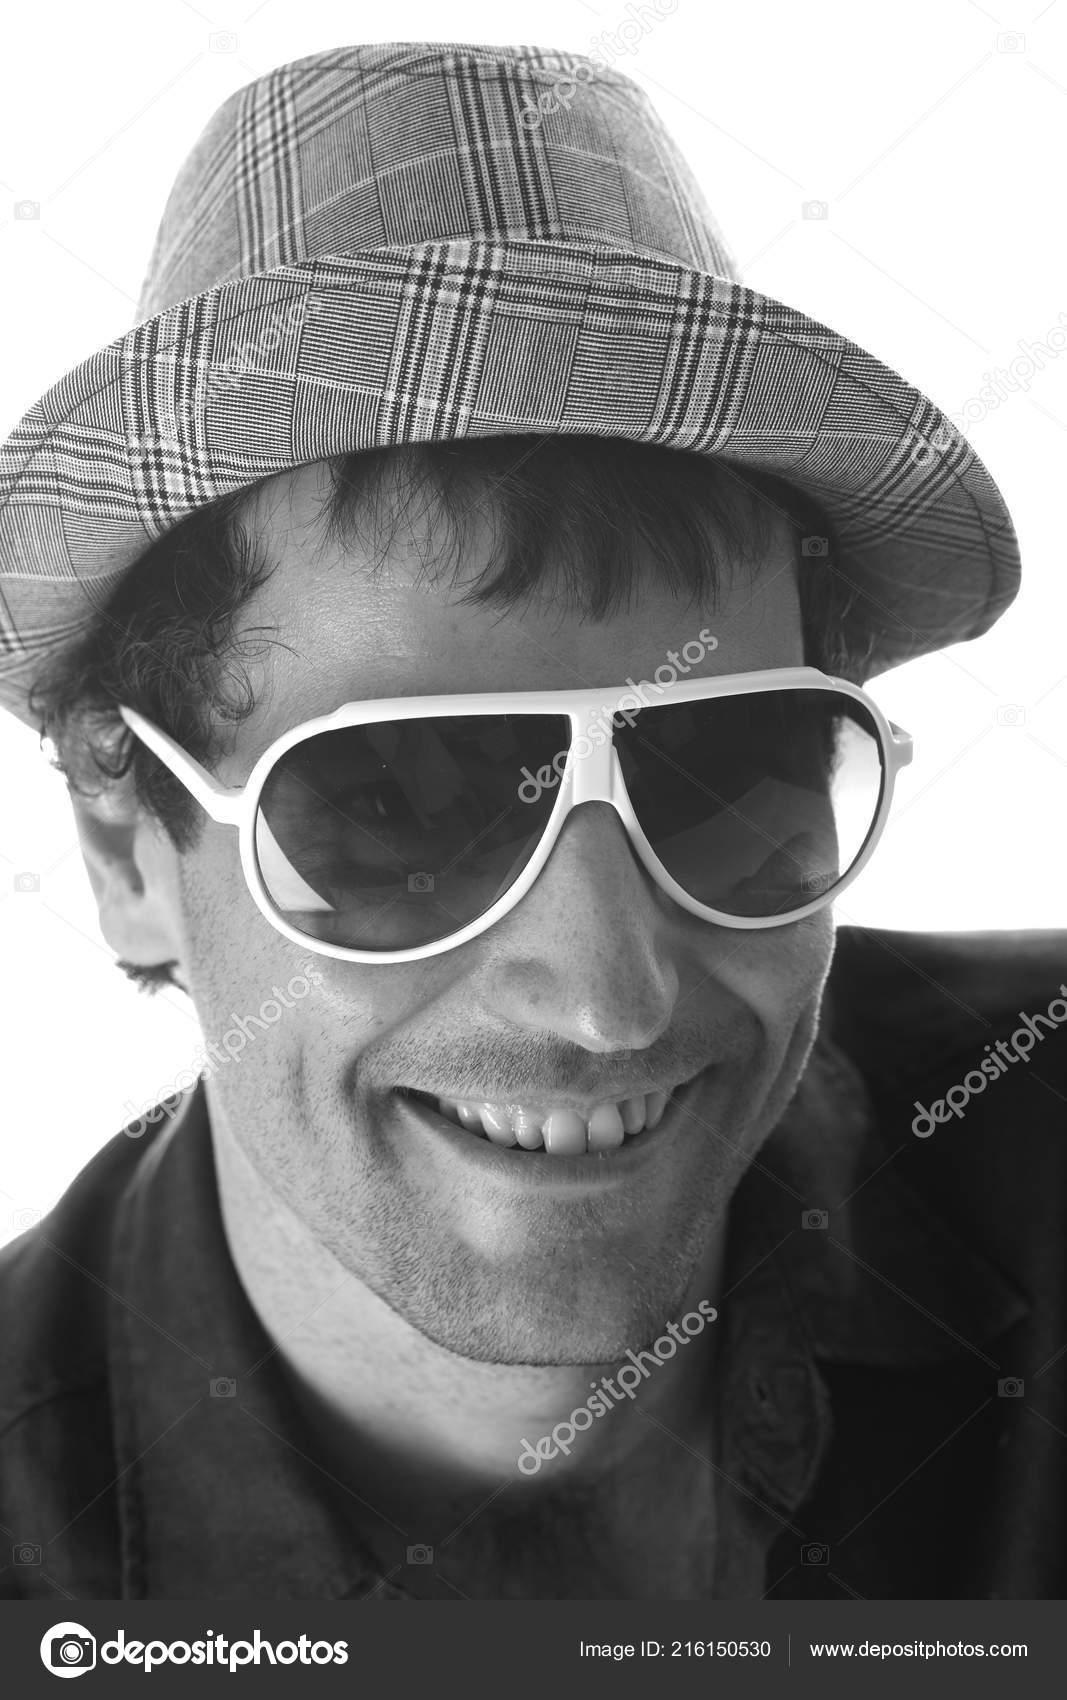 паркетную доску фото мужчины в шляпе и темных очках напишет для